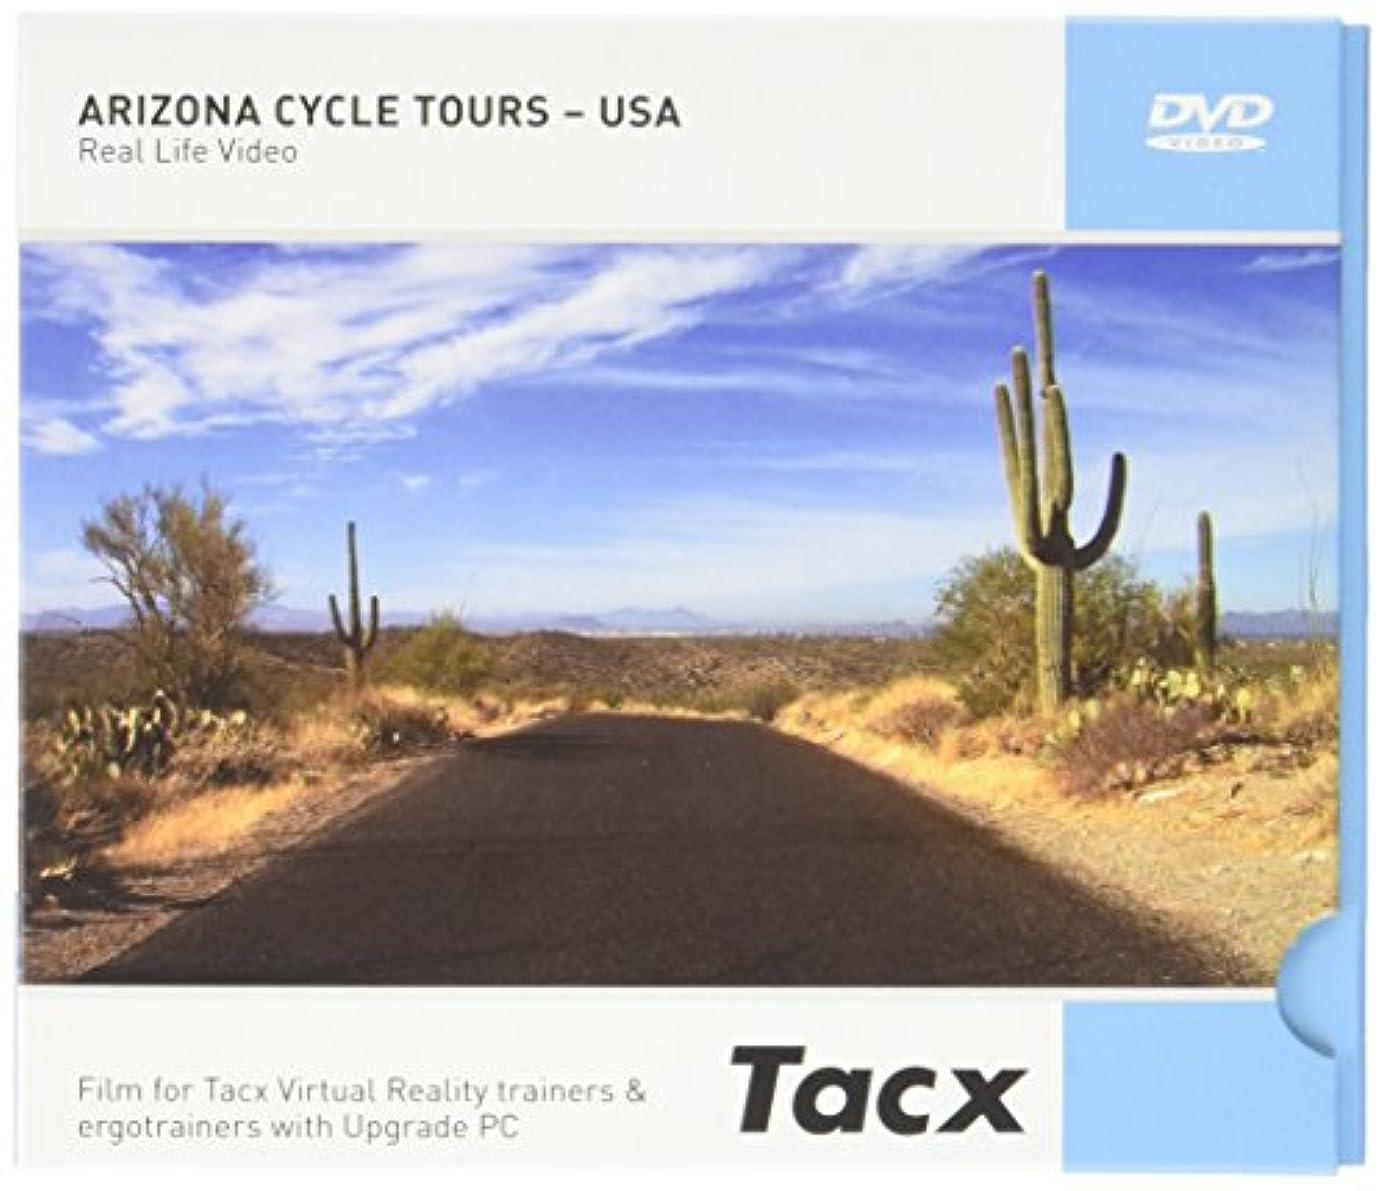 インストールわかるアーティキュレーションTacx Films Real Life Video Cycletours Arizona Cycletours - USA by Tacx